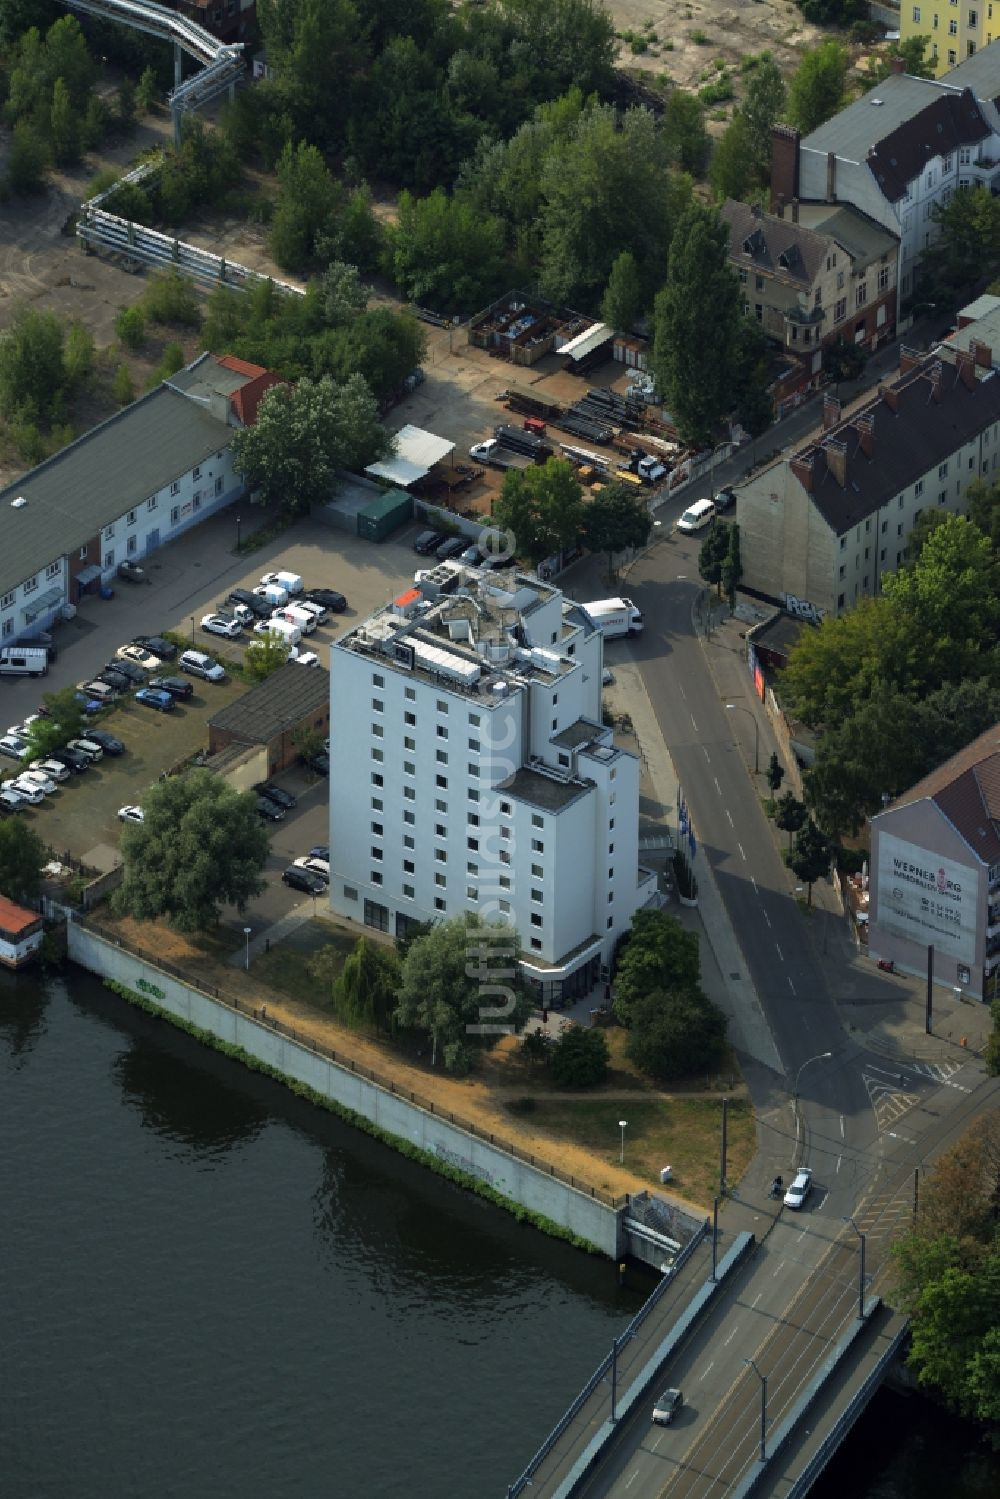 Luftbild Berlin Gebaude Des Hotels Nh Berlin Treptow Am Ufer Des